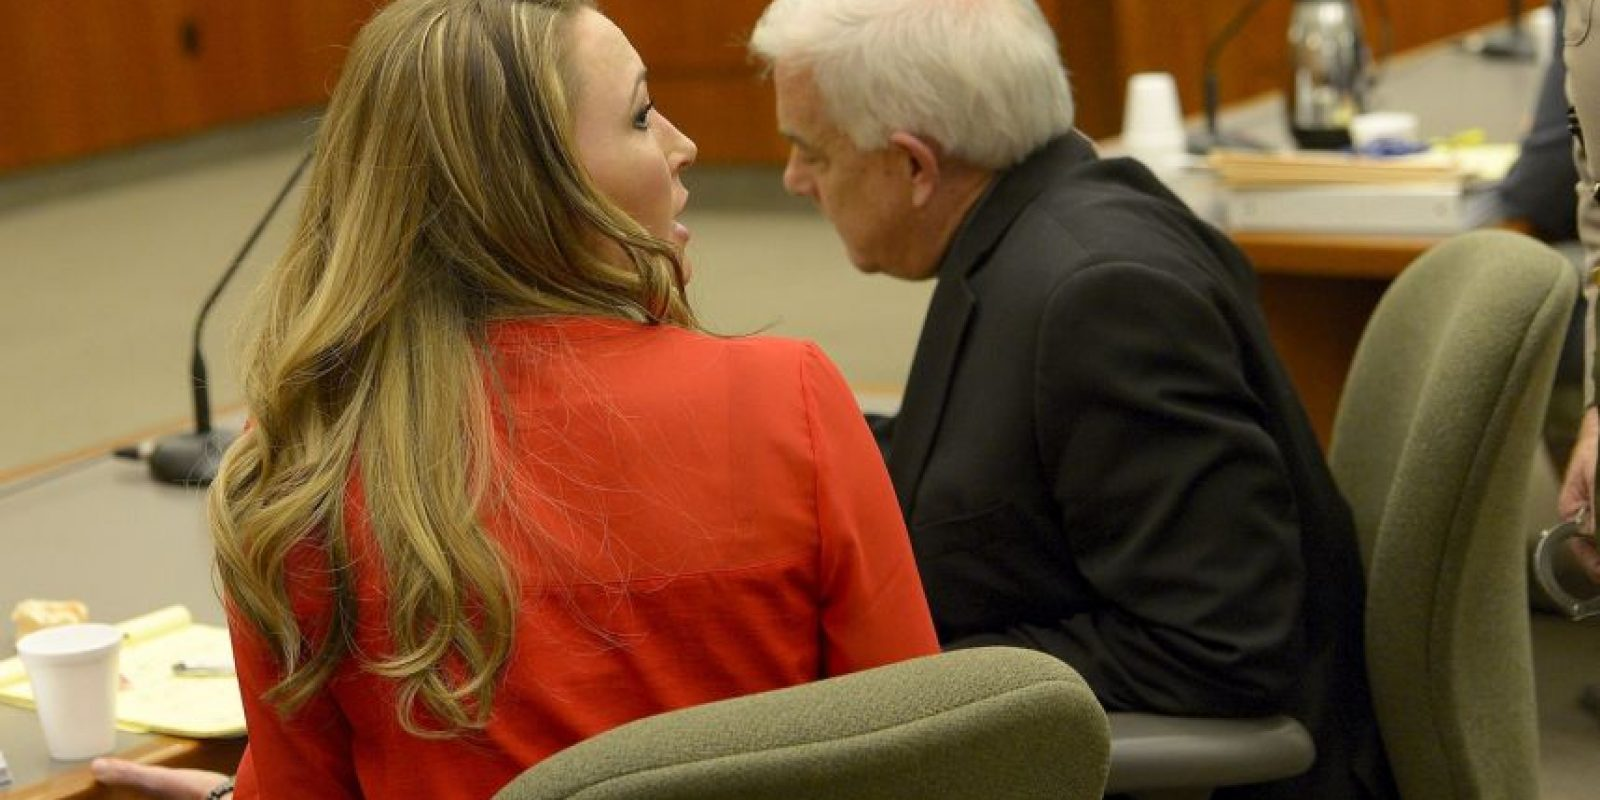 Su caso se revisará en 2017 Foto:AP